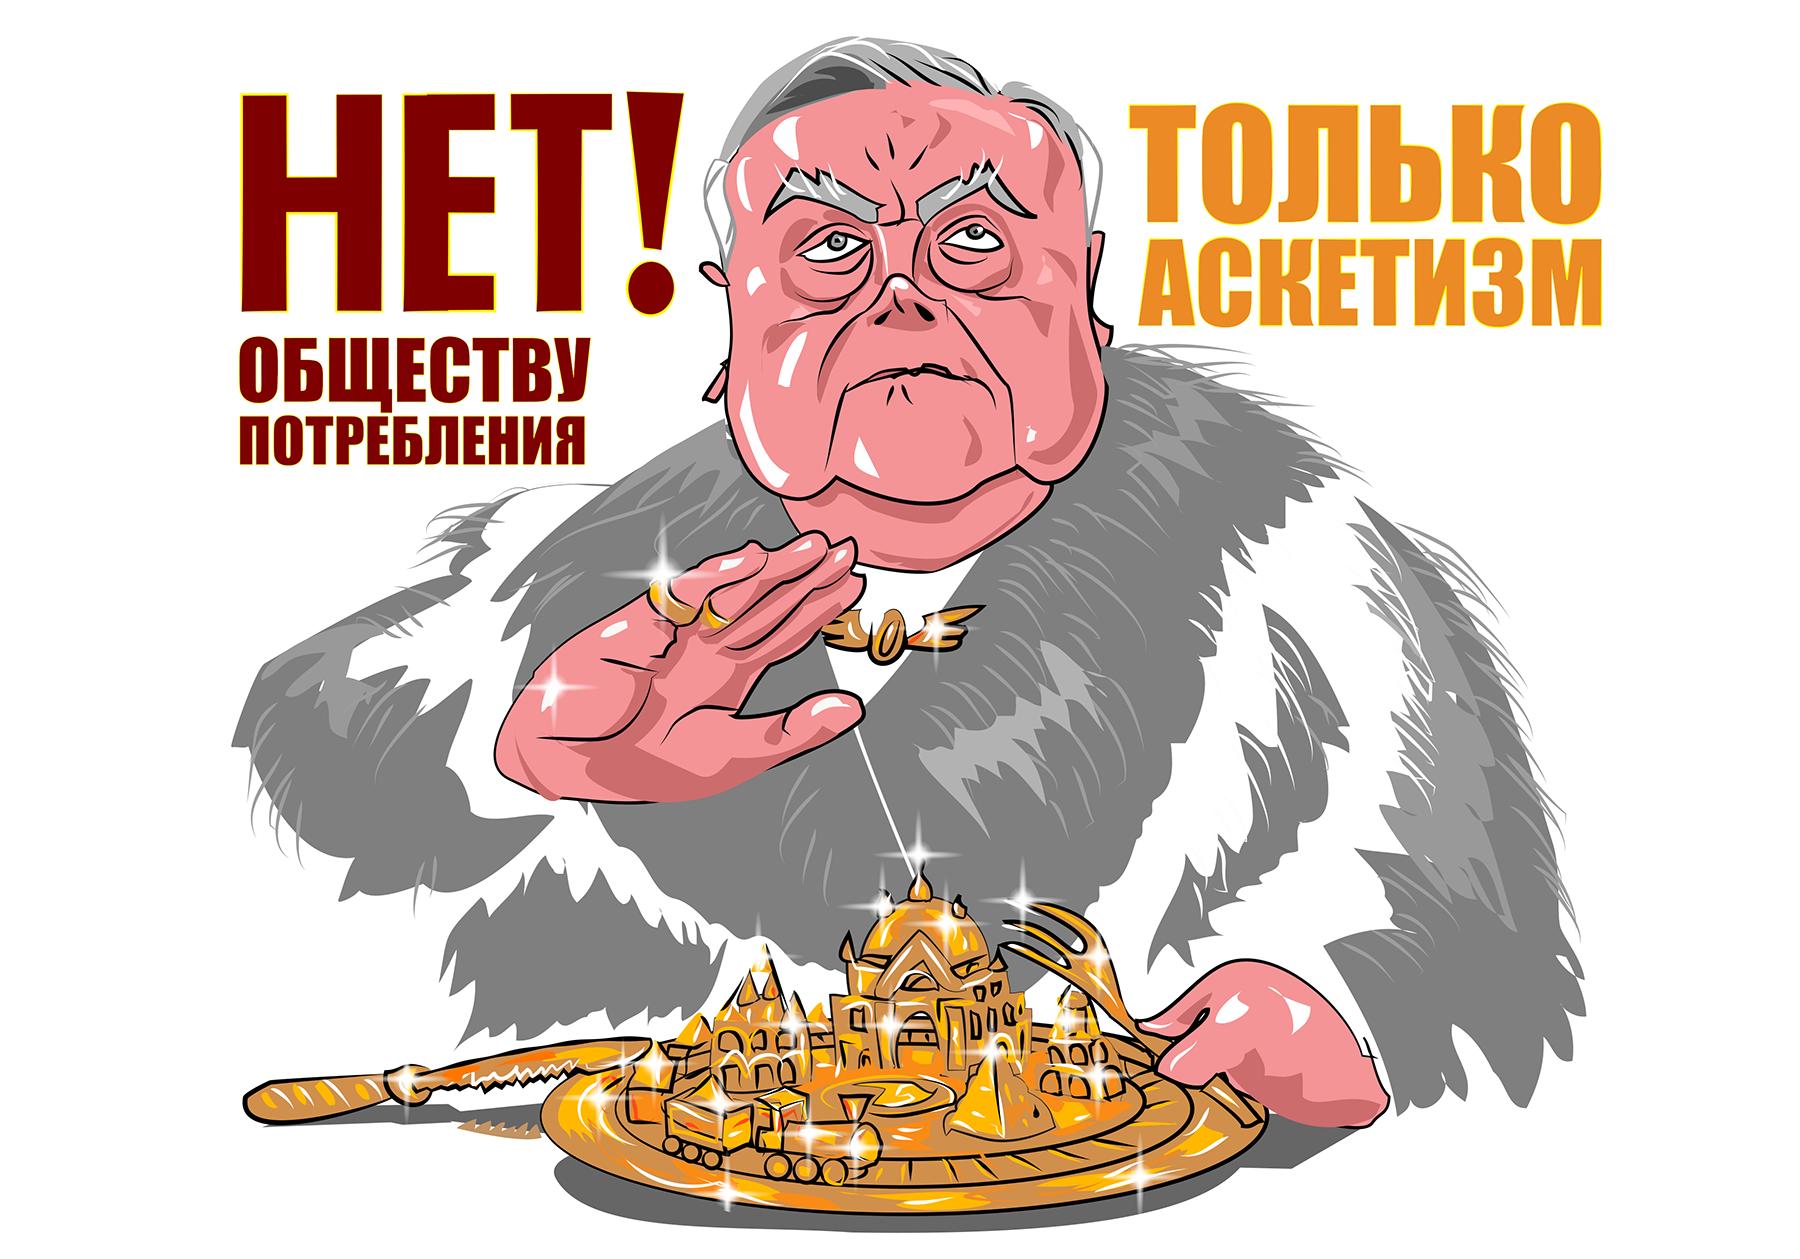 Пик роста цен в Украине уже пройден, - НБУ - Цензор.НЕТ 3199